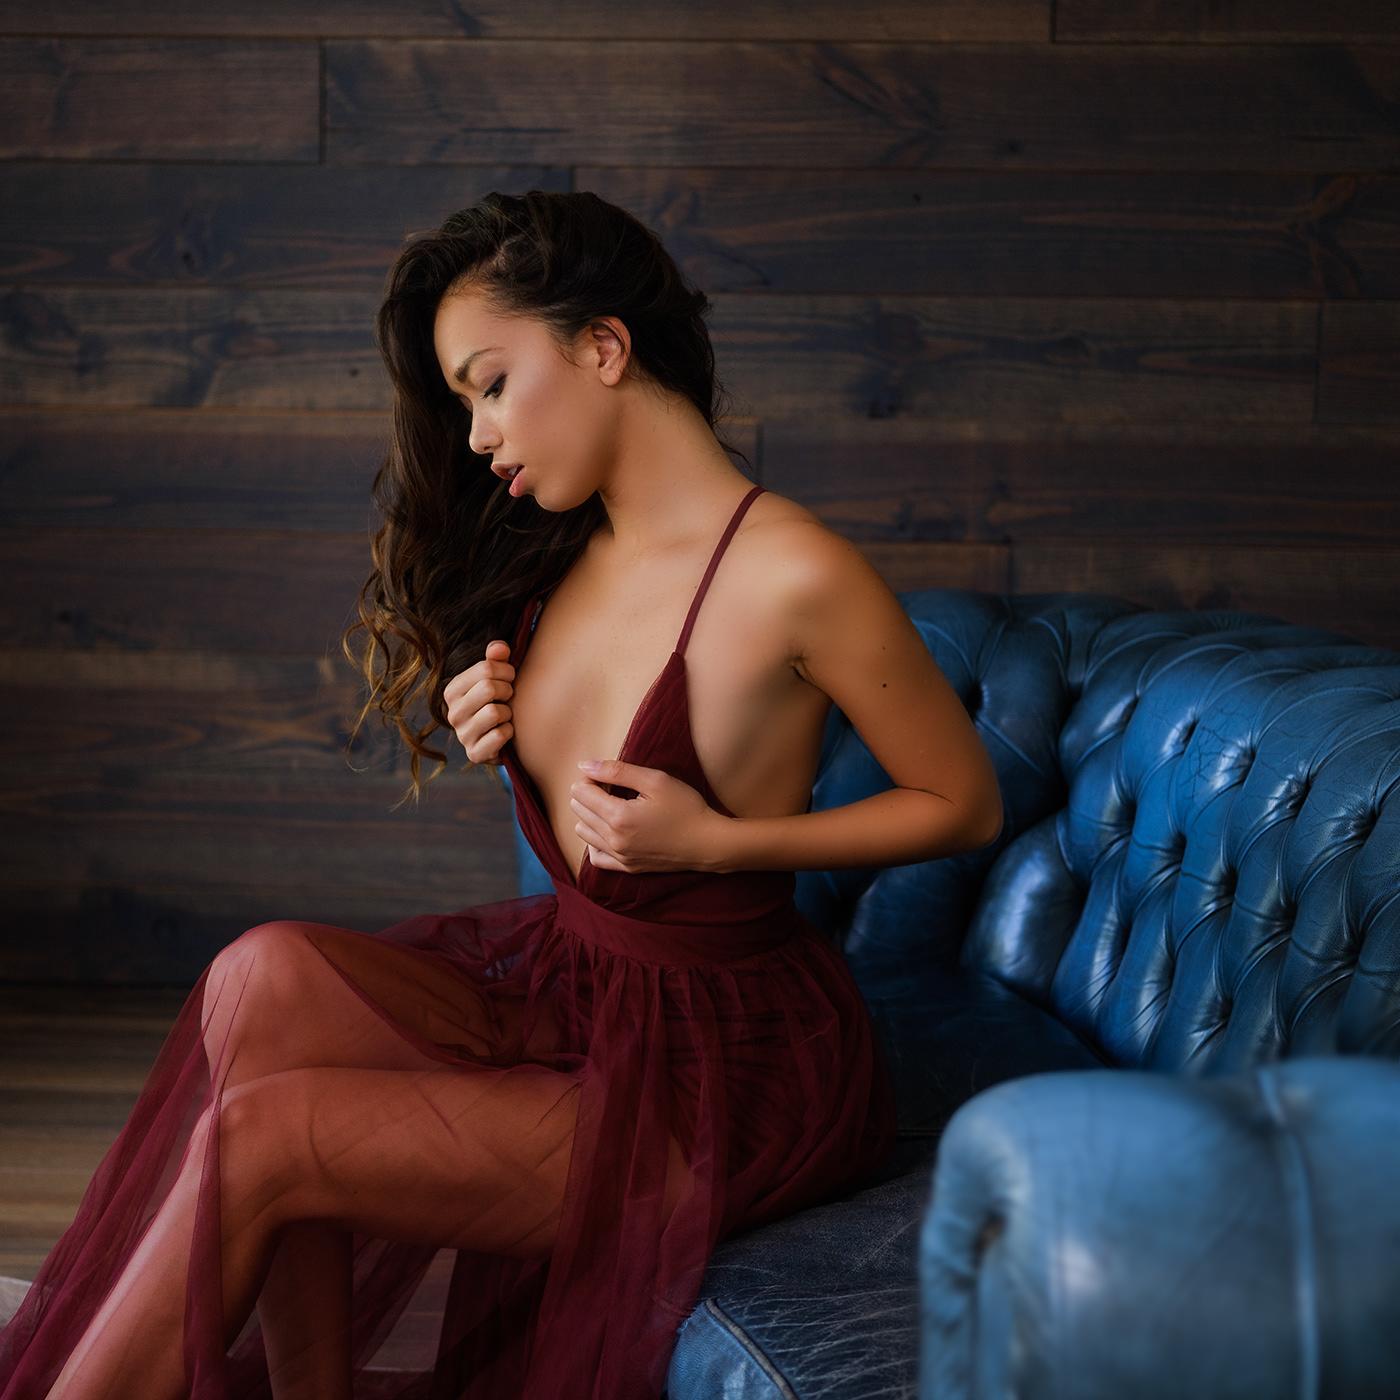 Kitrysha / фотограф Pascal Thomas